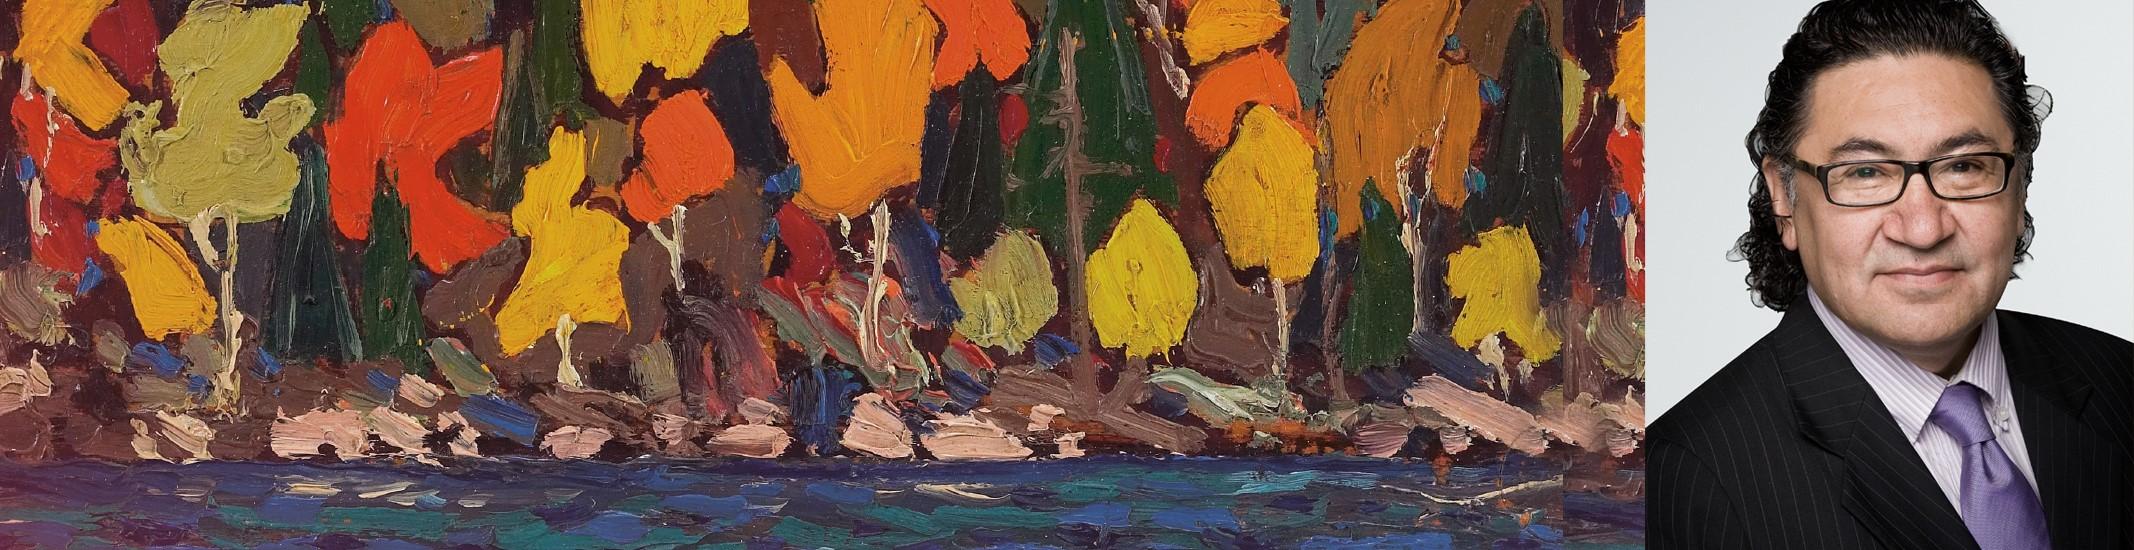 Peinture de motif abstrait texturé avec Roméo Saganash